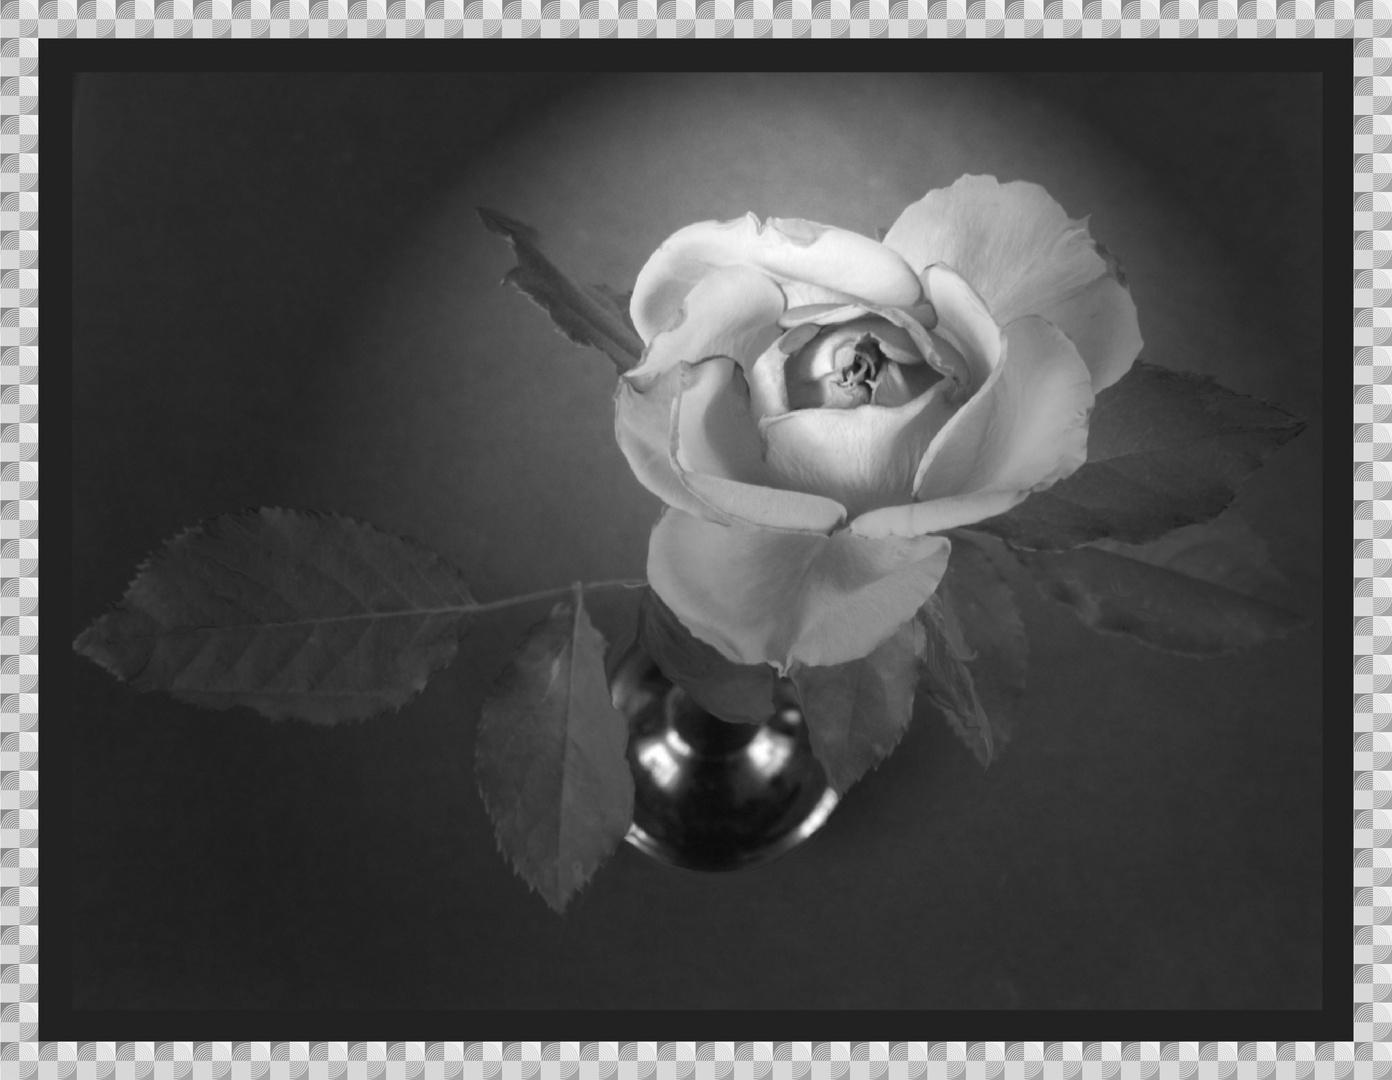 rote Rose im Gegenlicht wurde schwarz weiß